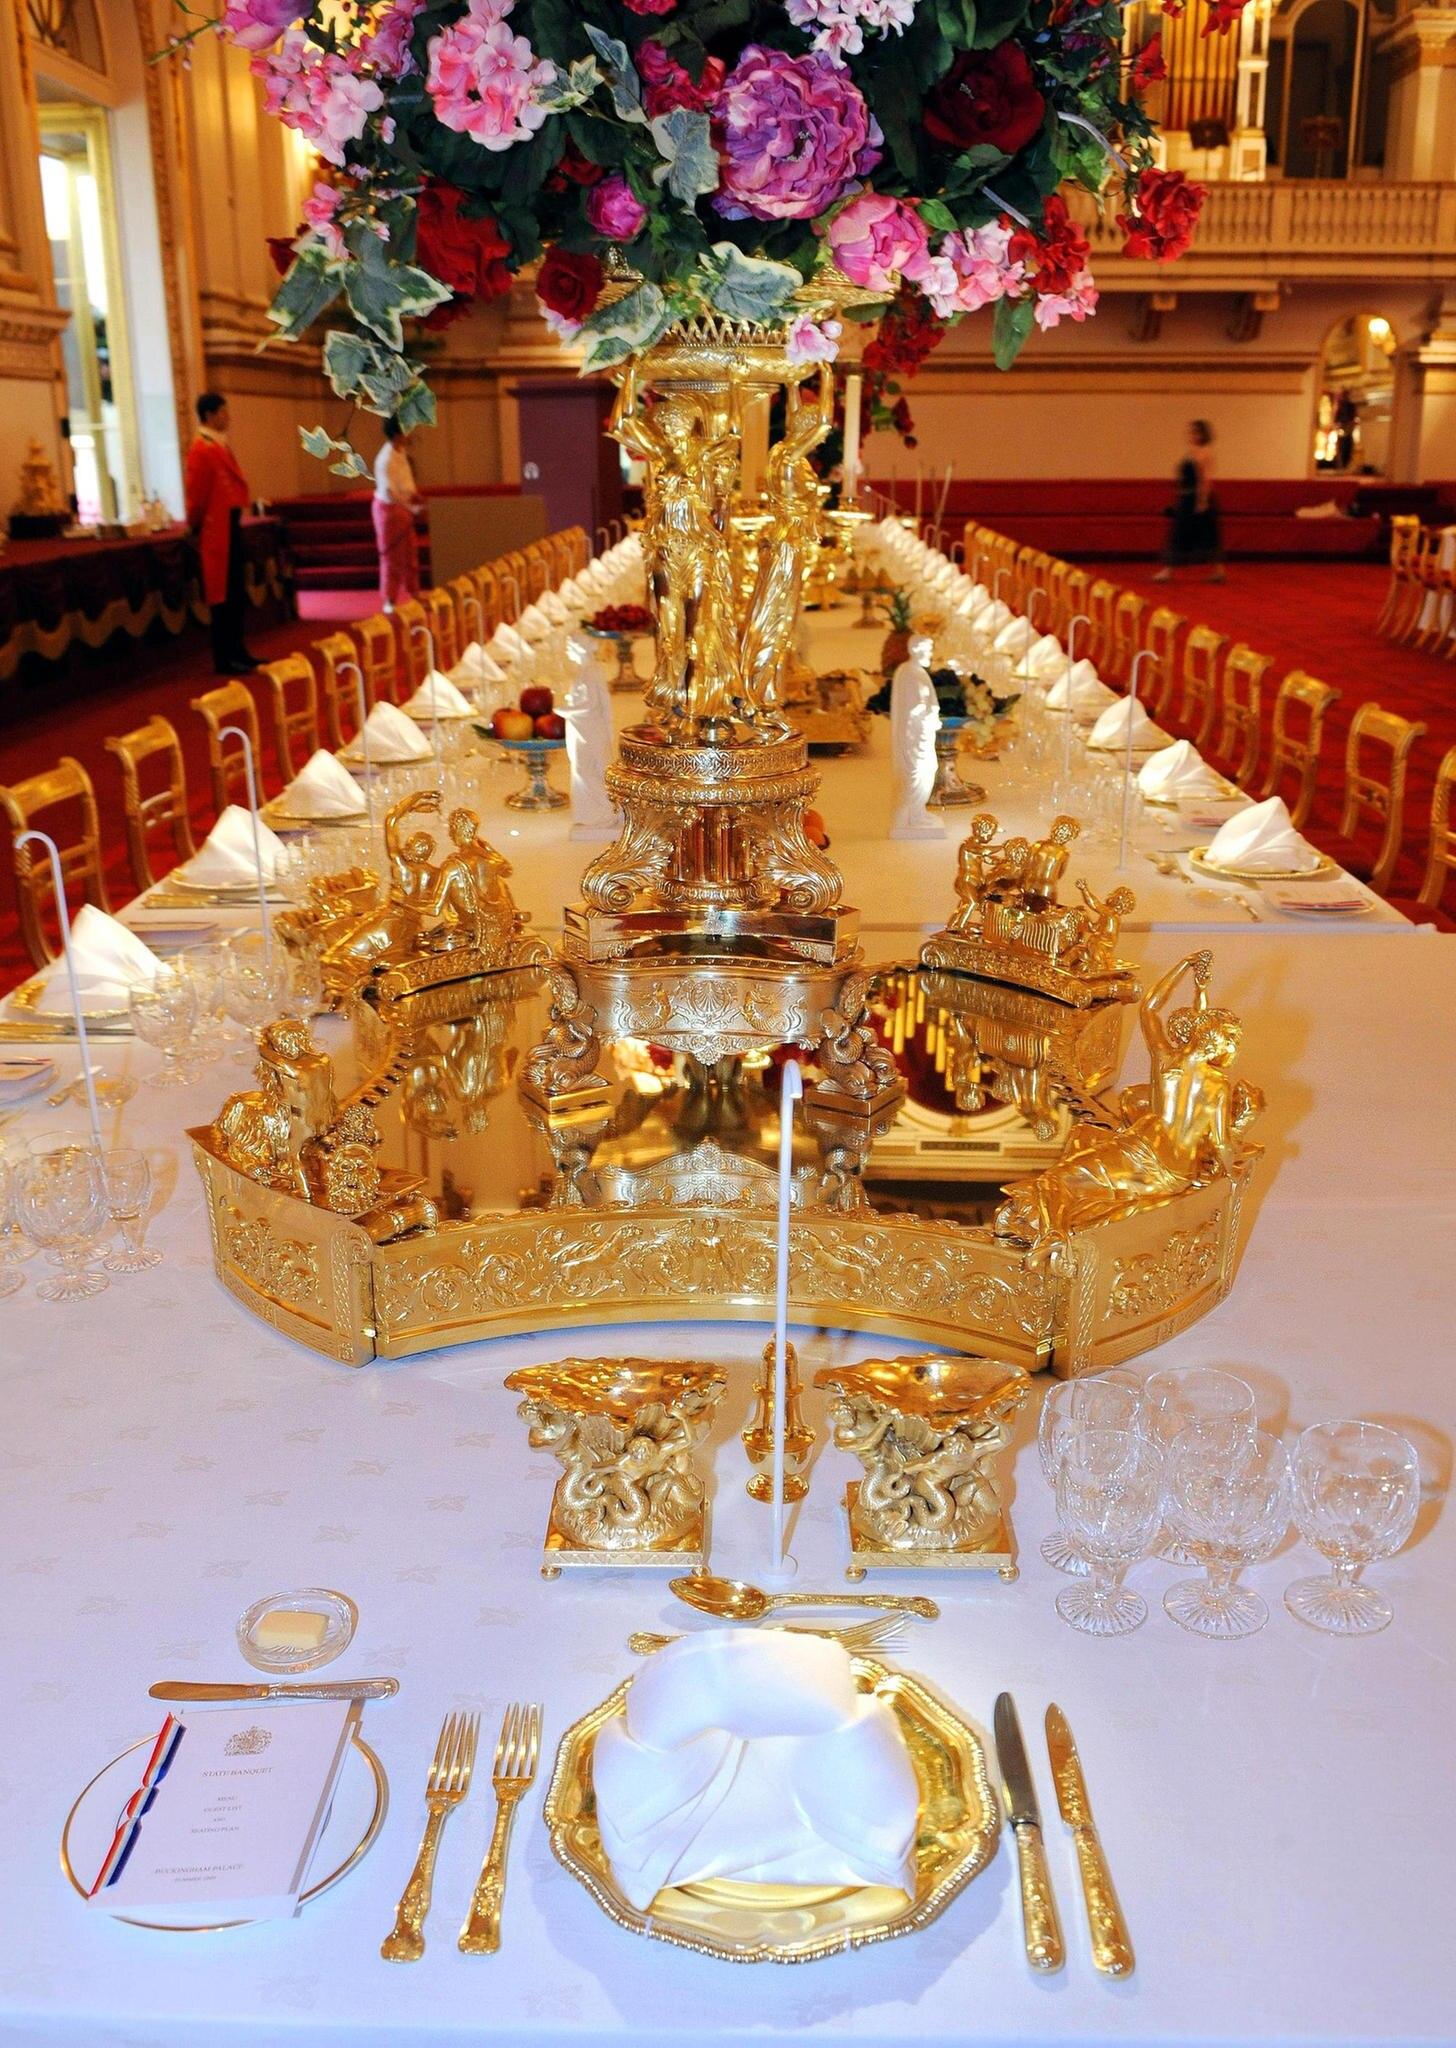 Dekorierter Tisch für ein Staatsbankett im Buckingham Palast